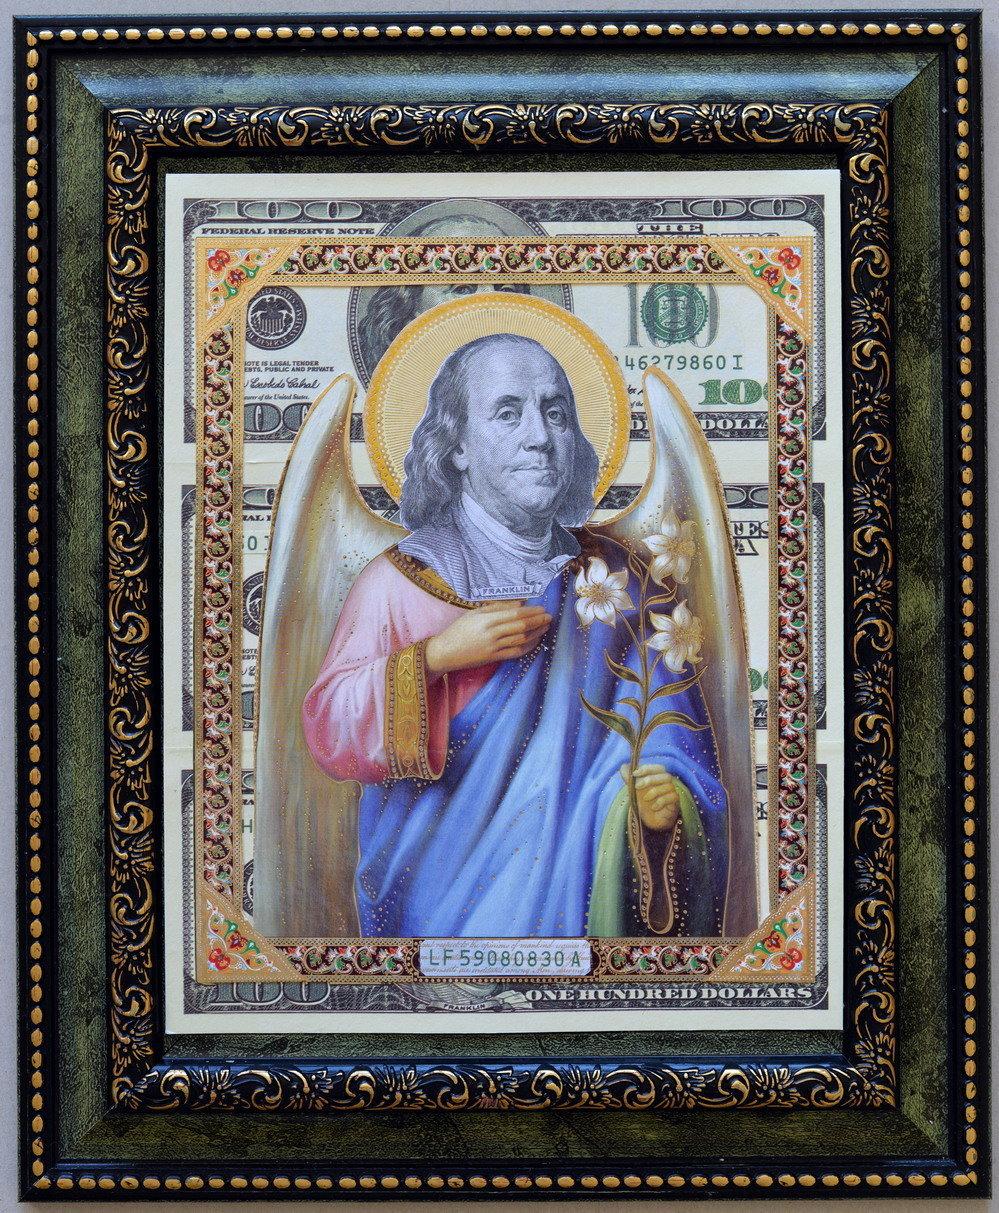 Saint Franklin_(Yurko Dyachyshyn)_10.JPG